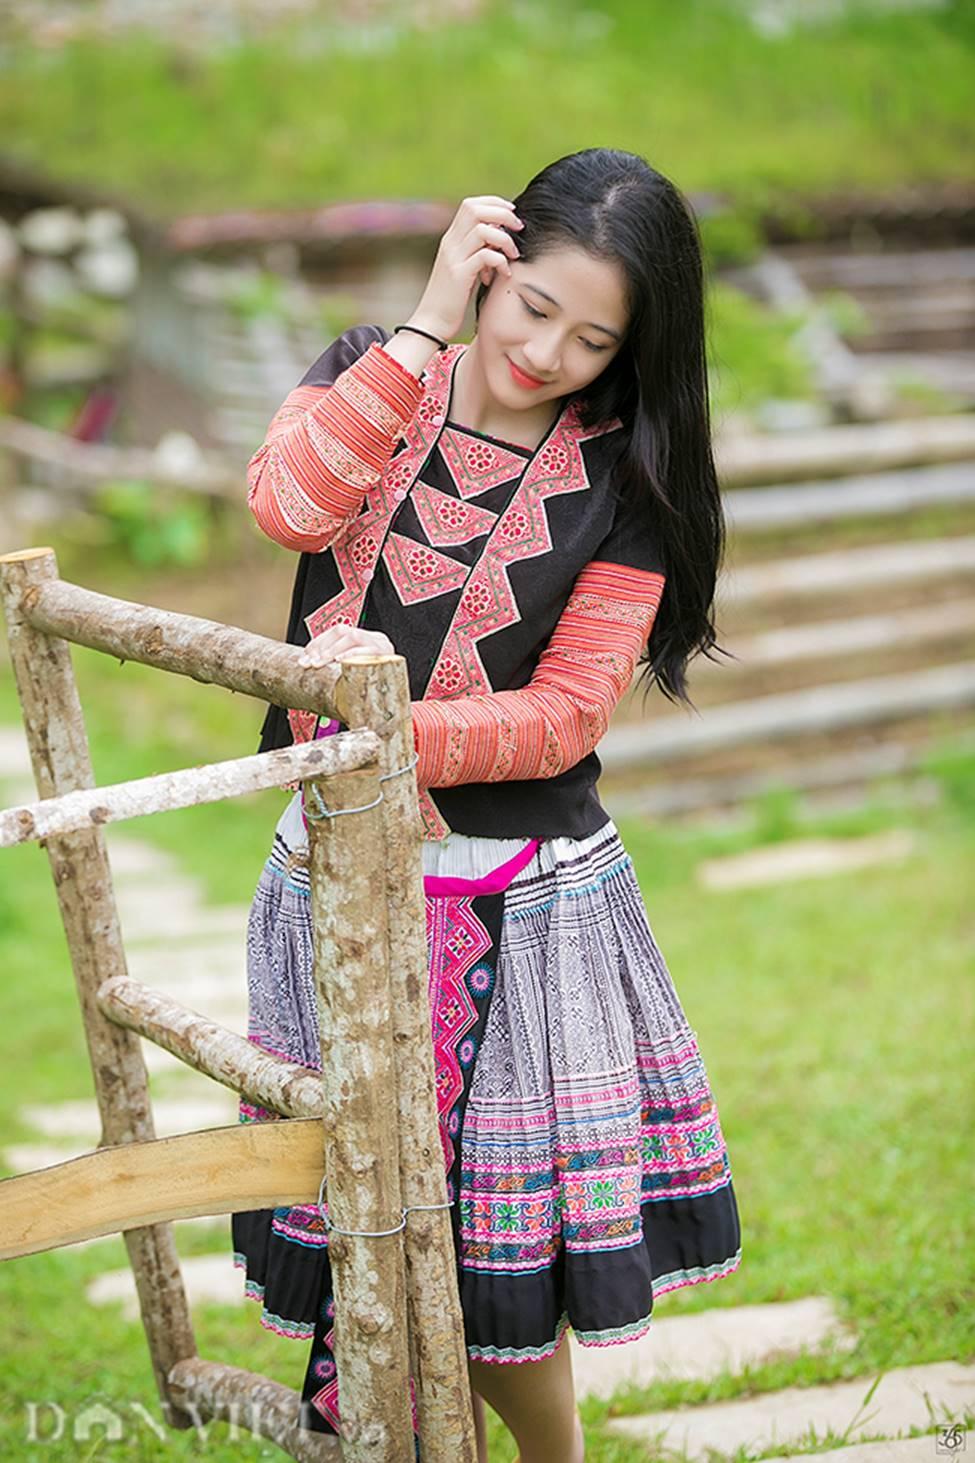 Vẻ đẹp tinh khiết của Hoàng Thùy Linh 9X thay thế hot girl Trâm Anh-5